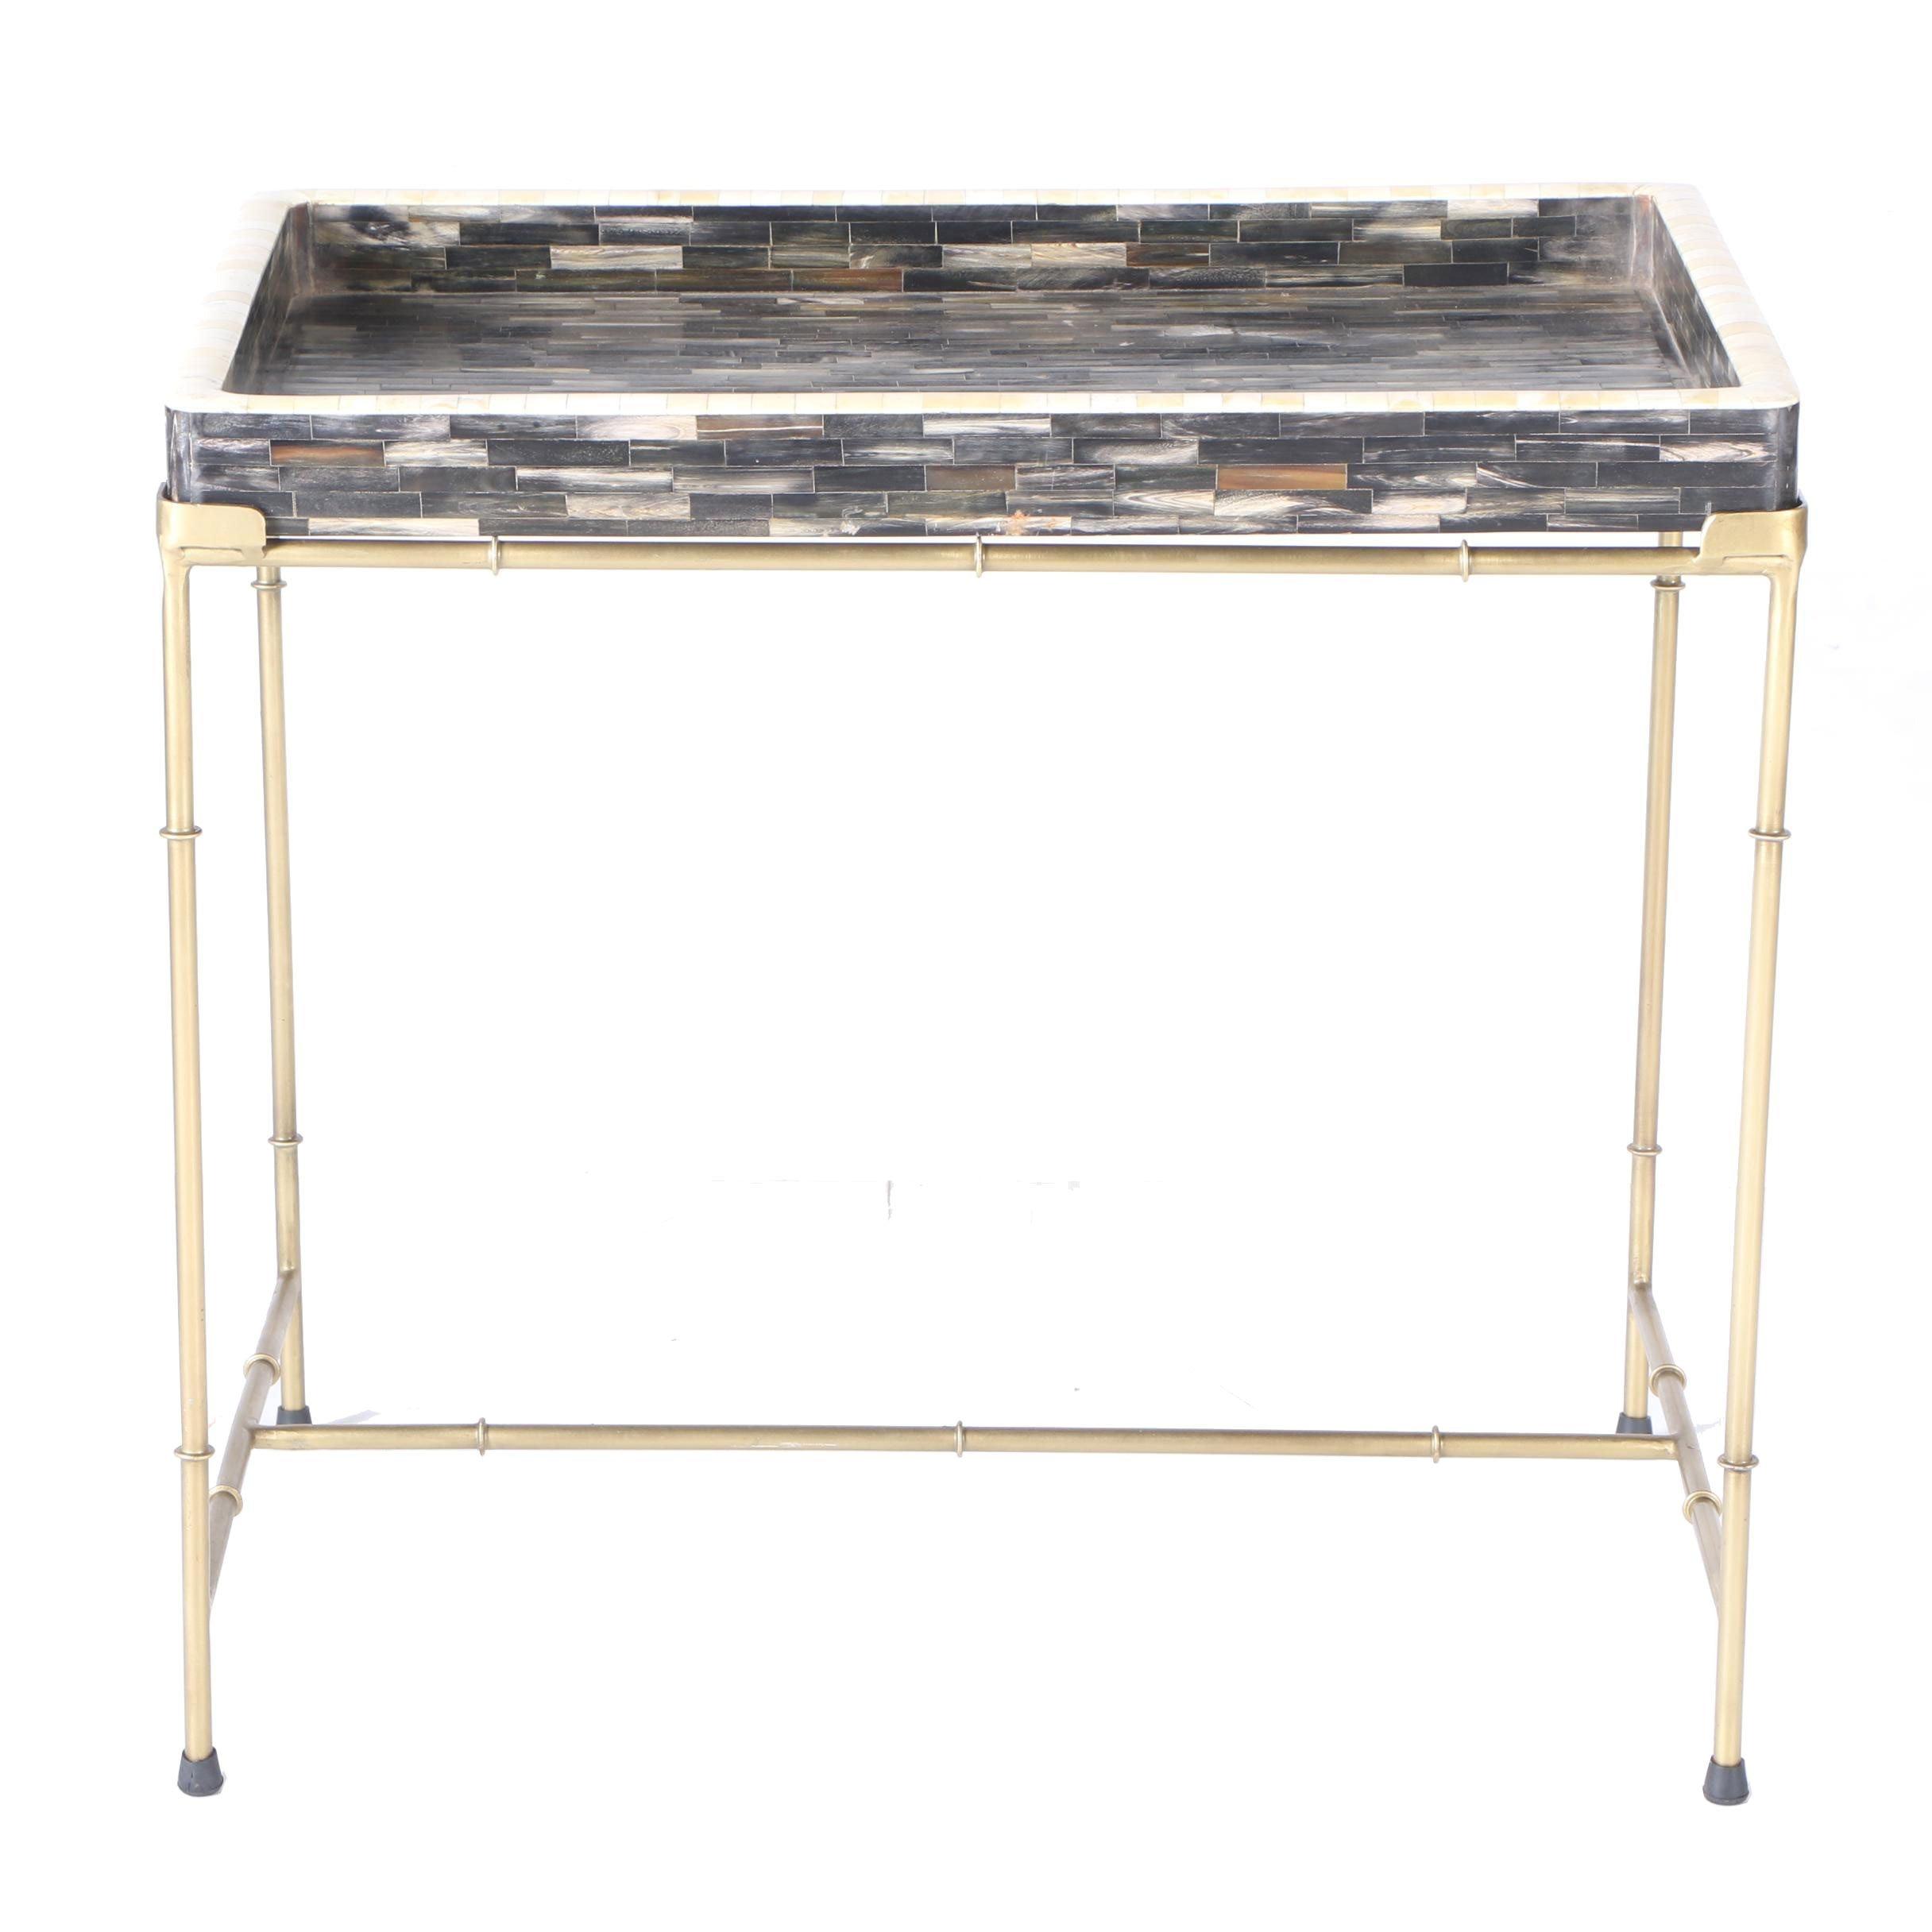 Regency Style Bone Inlay Tray Table